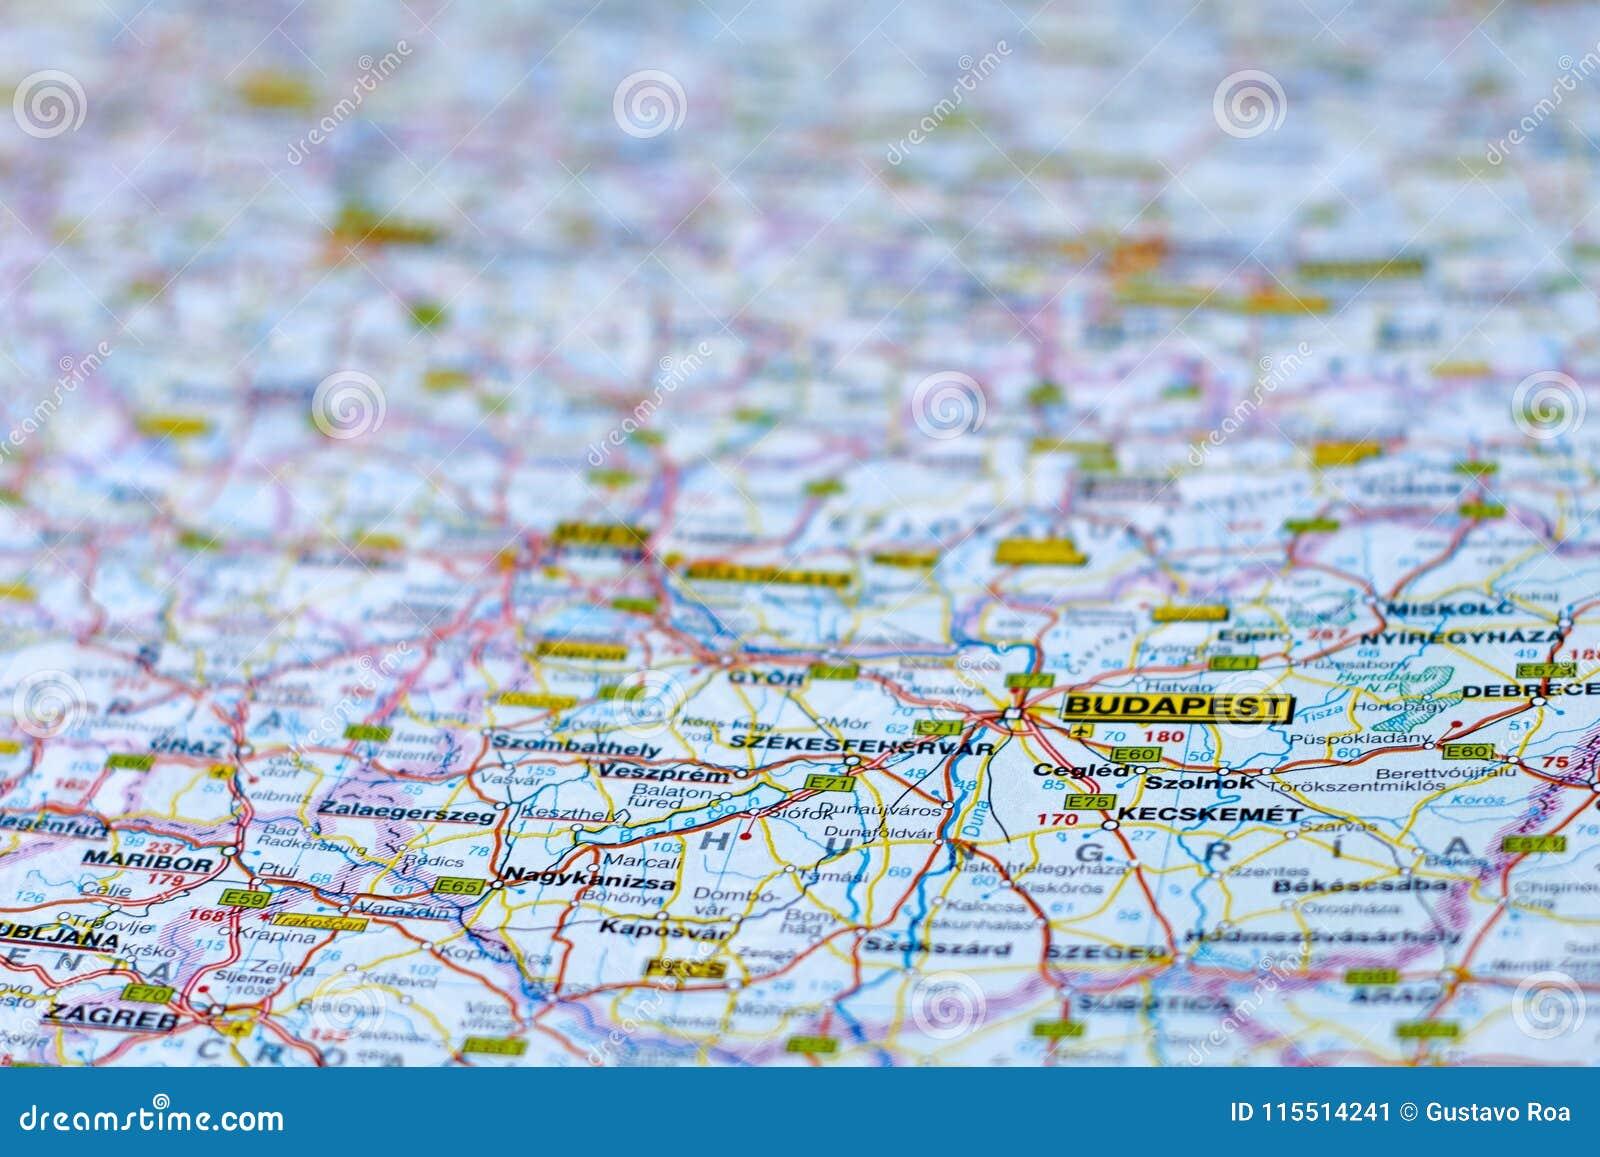 Map of Budapest, Hungary stock image. Image of travel ... Budapest Hungary Map on bulgaria hungary map, capital of hungary map, czech republic hungary map, europe hungary map, austria map, budapest tourist attractions, hungary state map, bucharest hungary map, amsterdam netherlands map, ajka hungary map, old hungary map, budapest sights, romania map, switzerland map, bratislava hungary map, prague map, hungary on the map, albania map, budapest history, kassa hungary map,